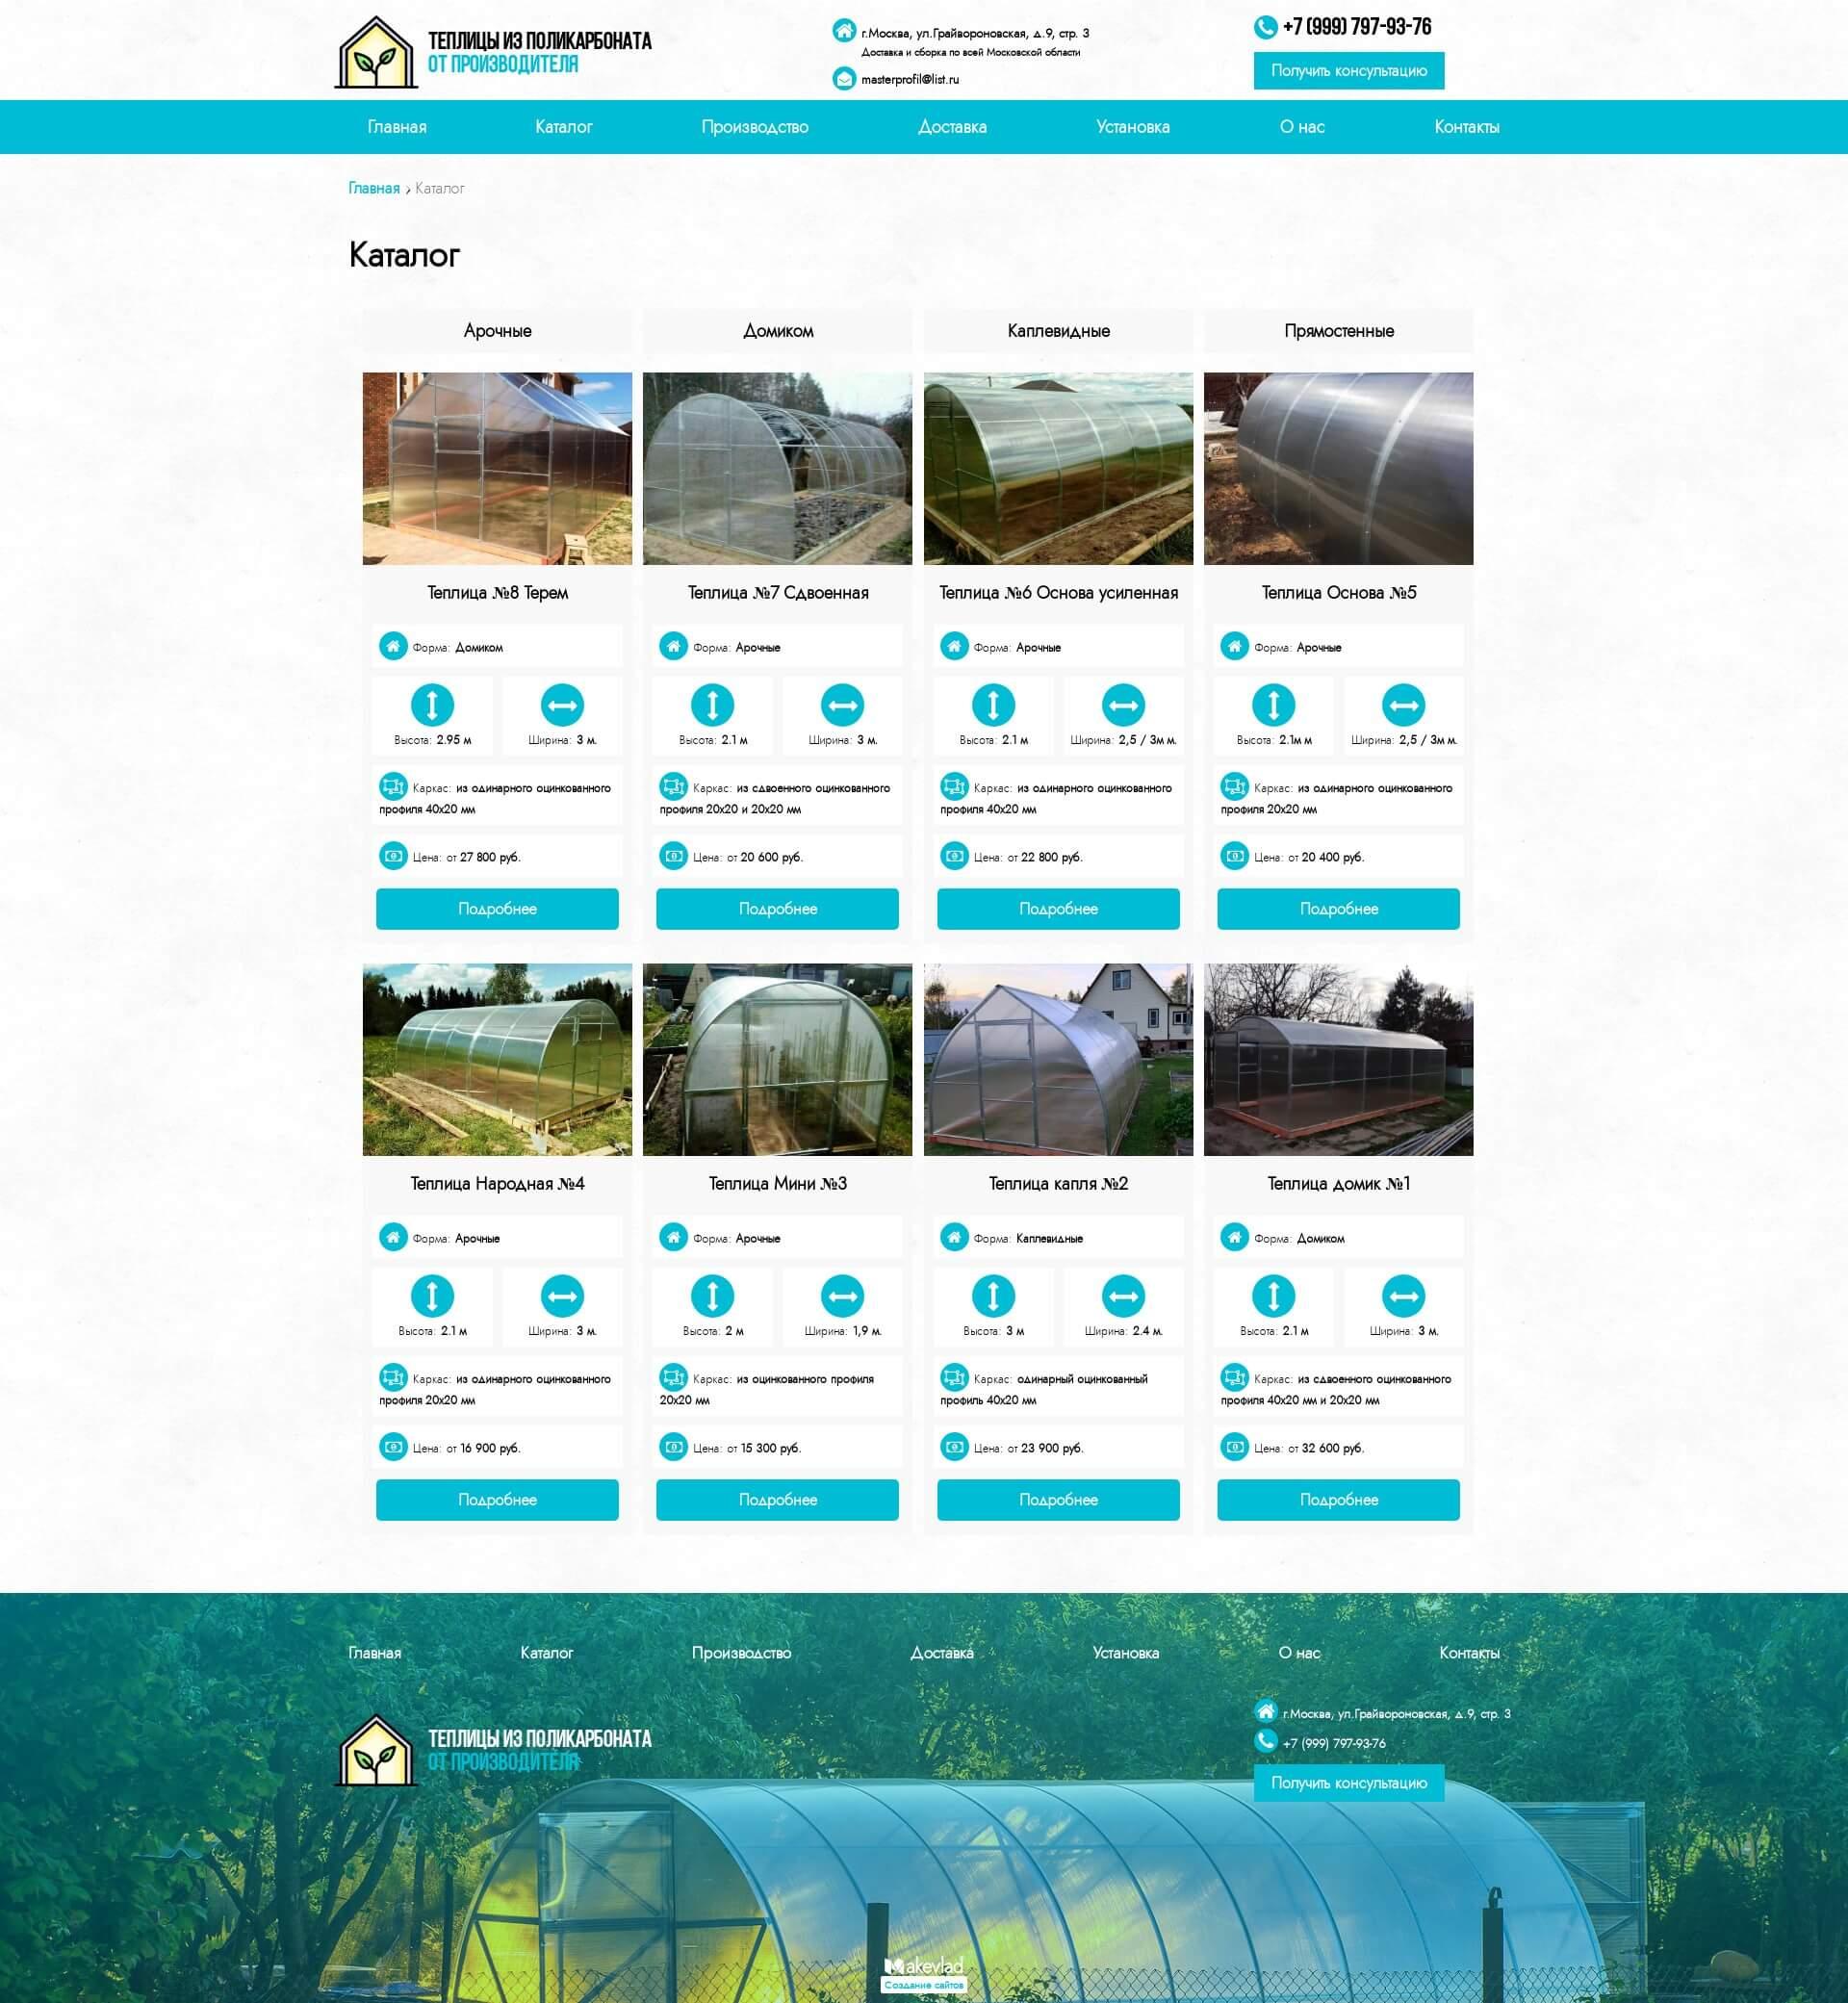 Скриншот №2 страницы сайта во весь экран. Сайт по производству теплиц